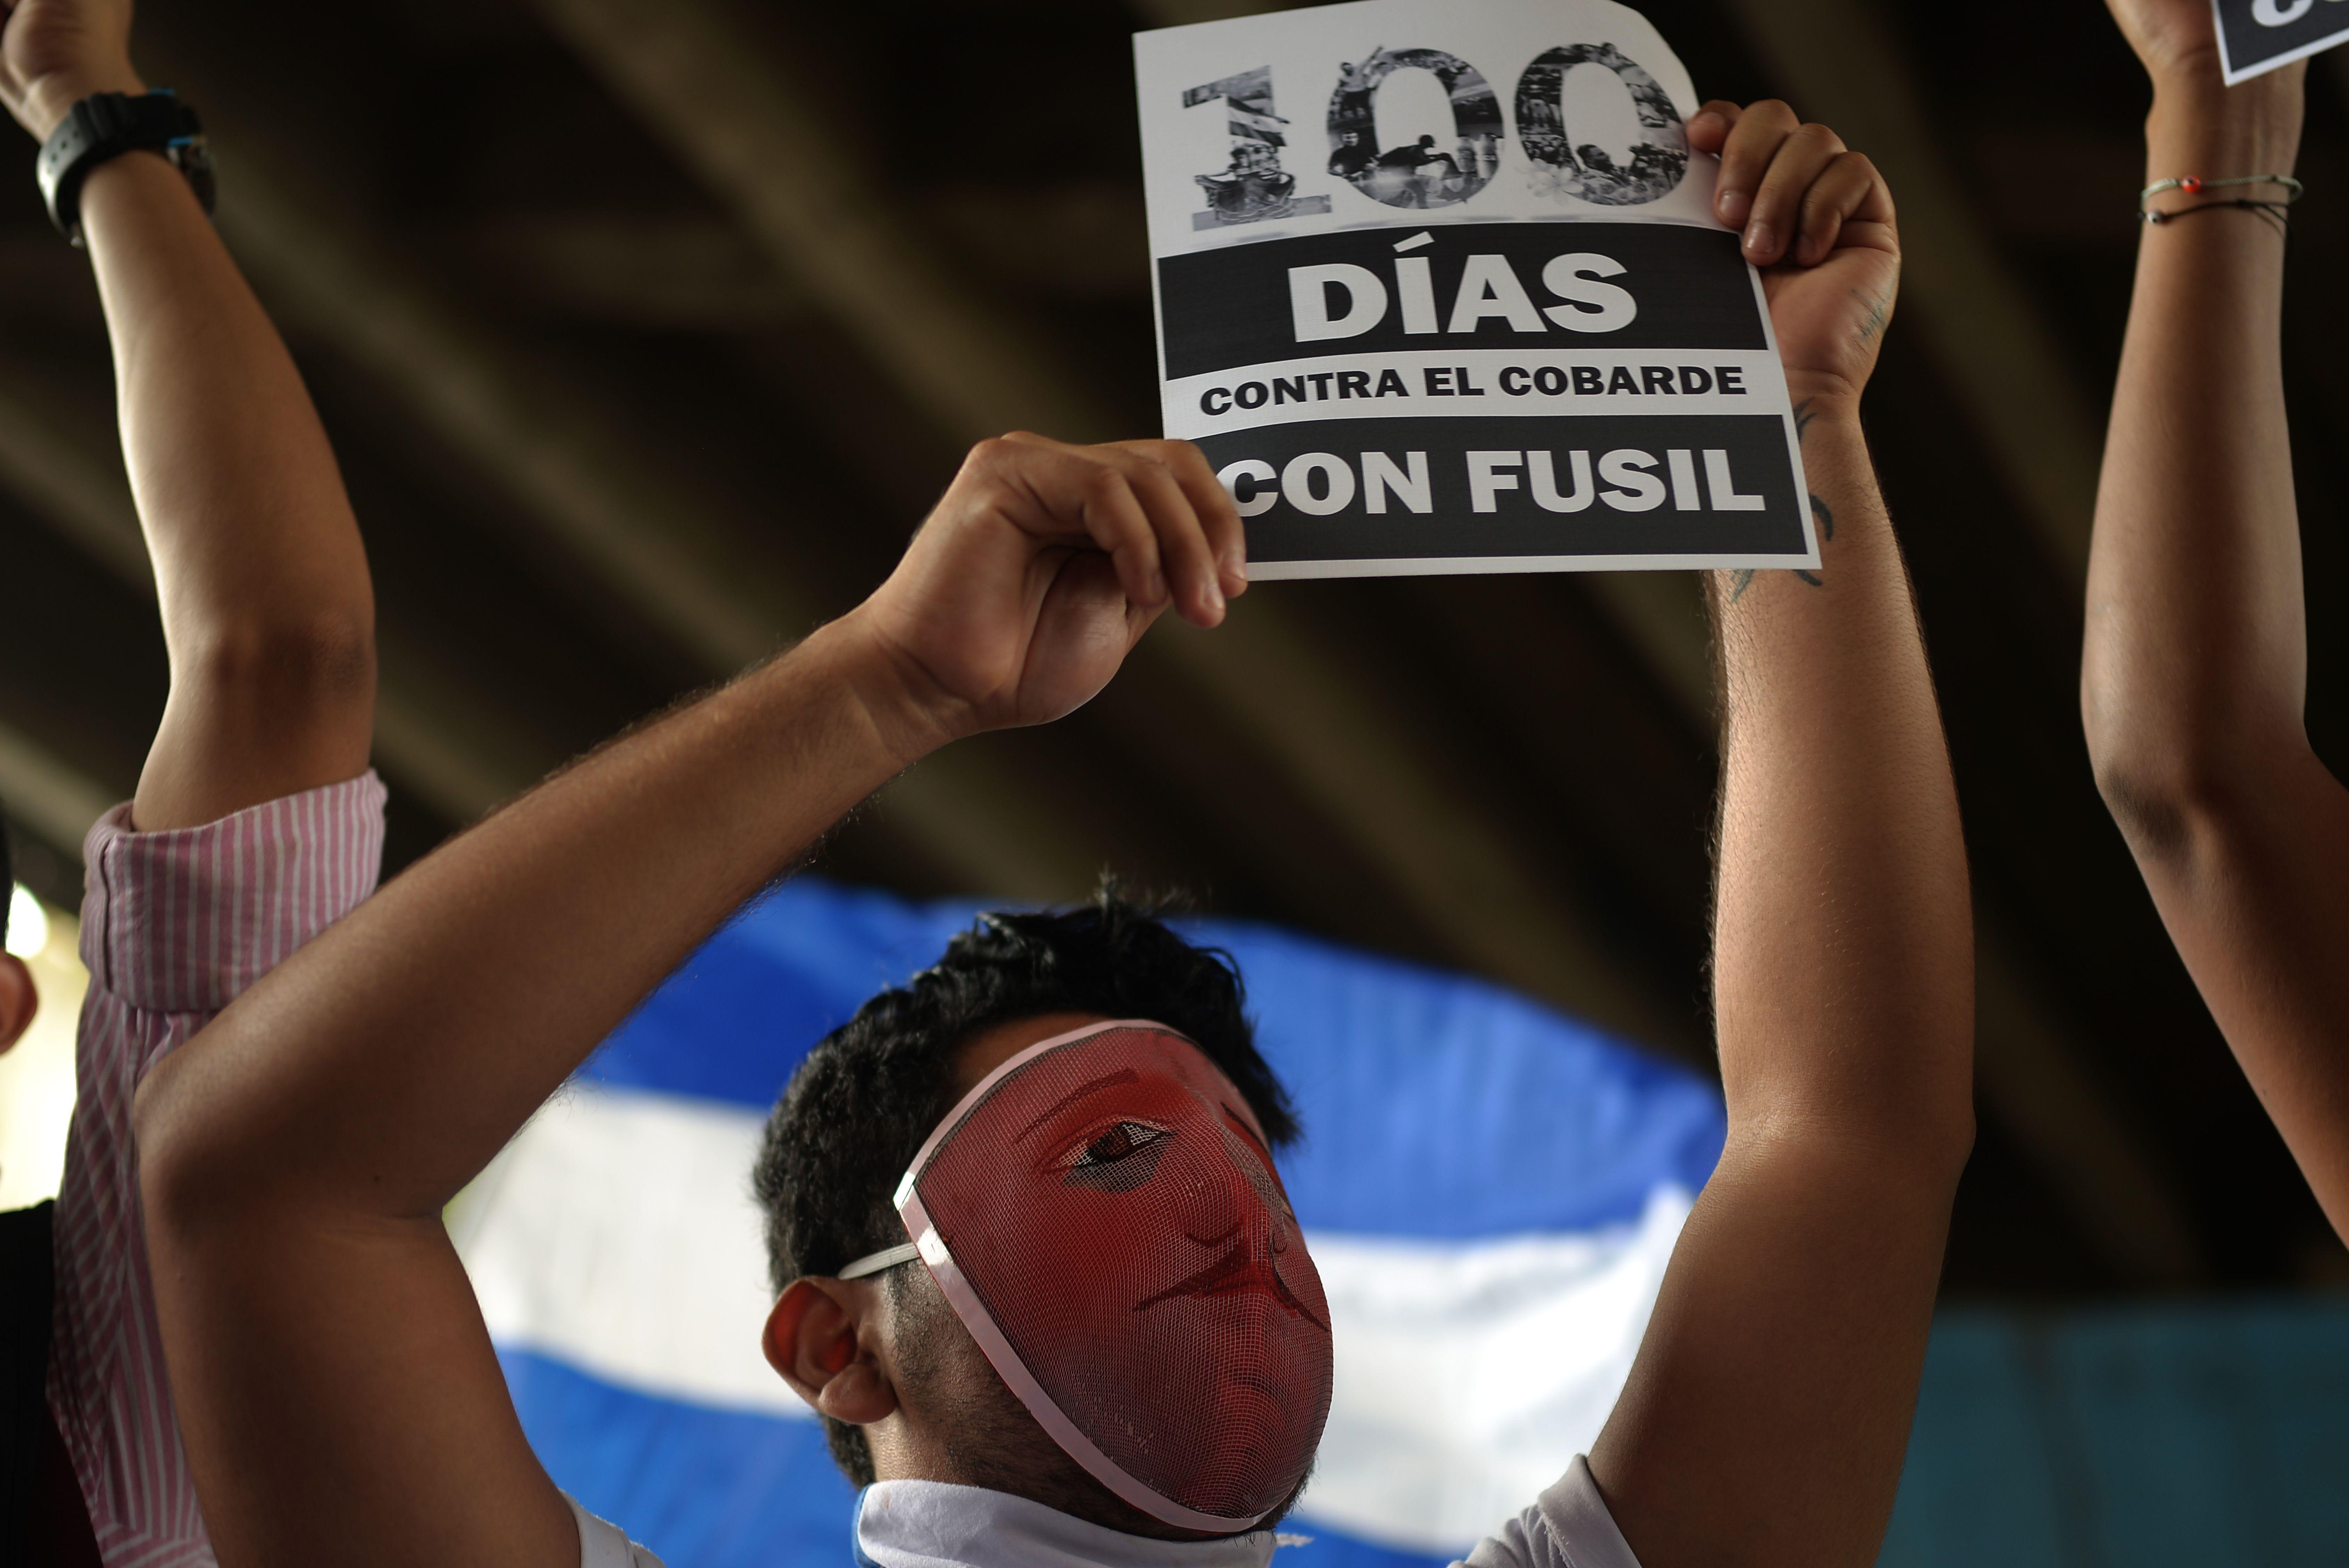 متظاهر يرفع لافتة 100 يوم من الاحتجاج